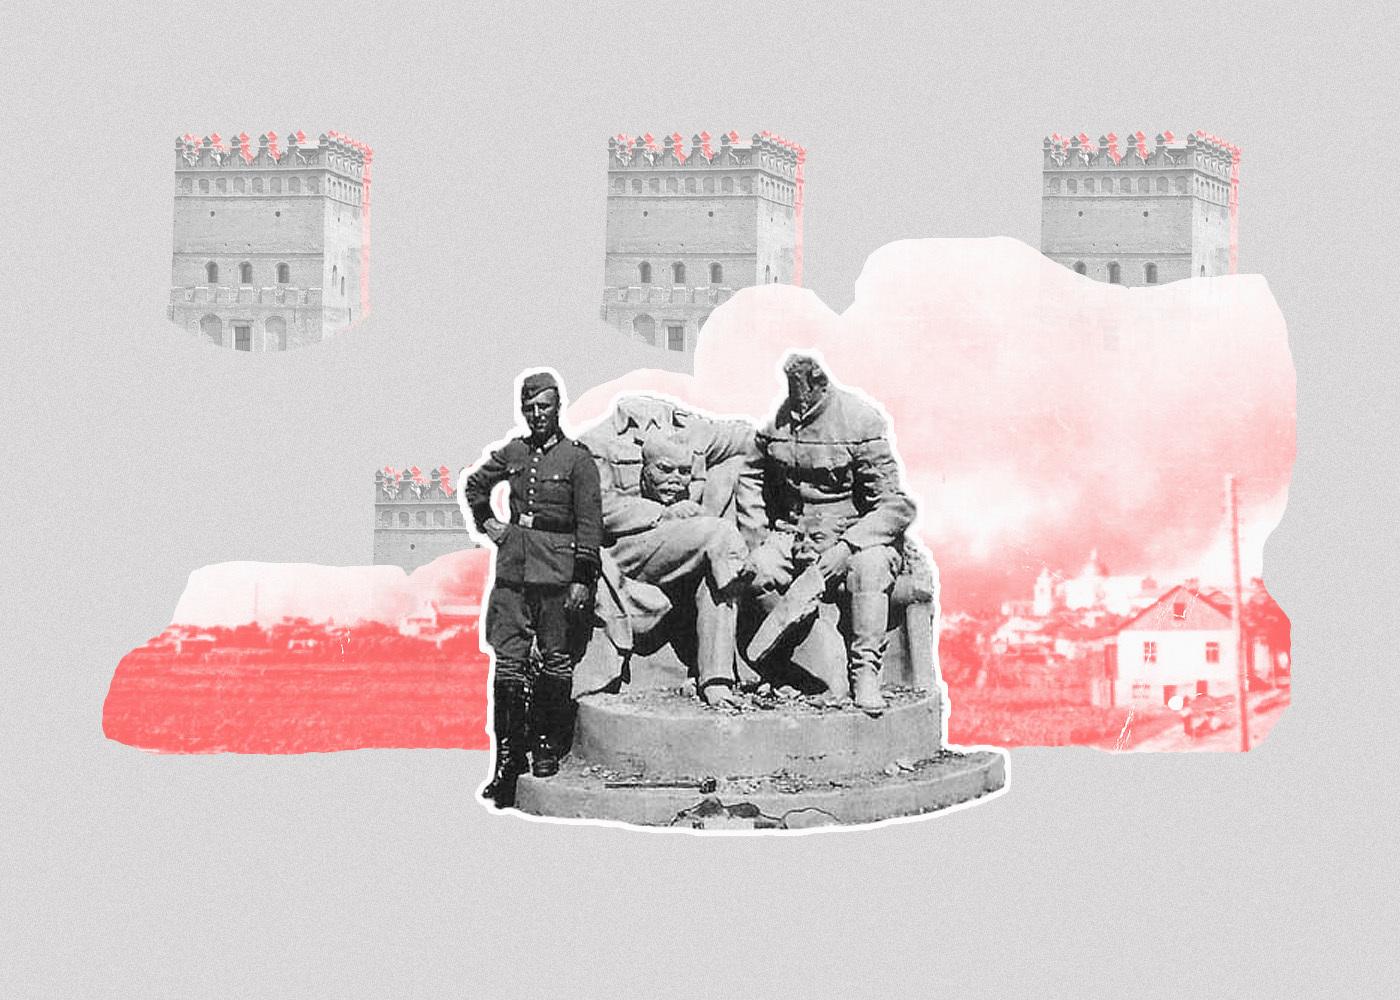 Початок війни в Луцьку. Спогад очевидця Кравчука